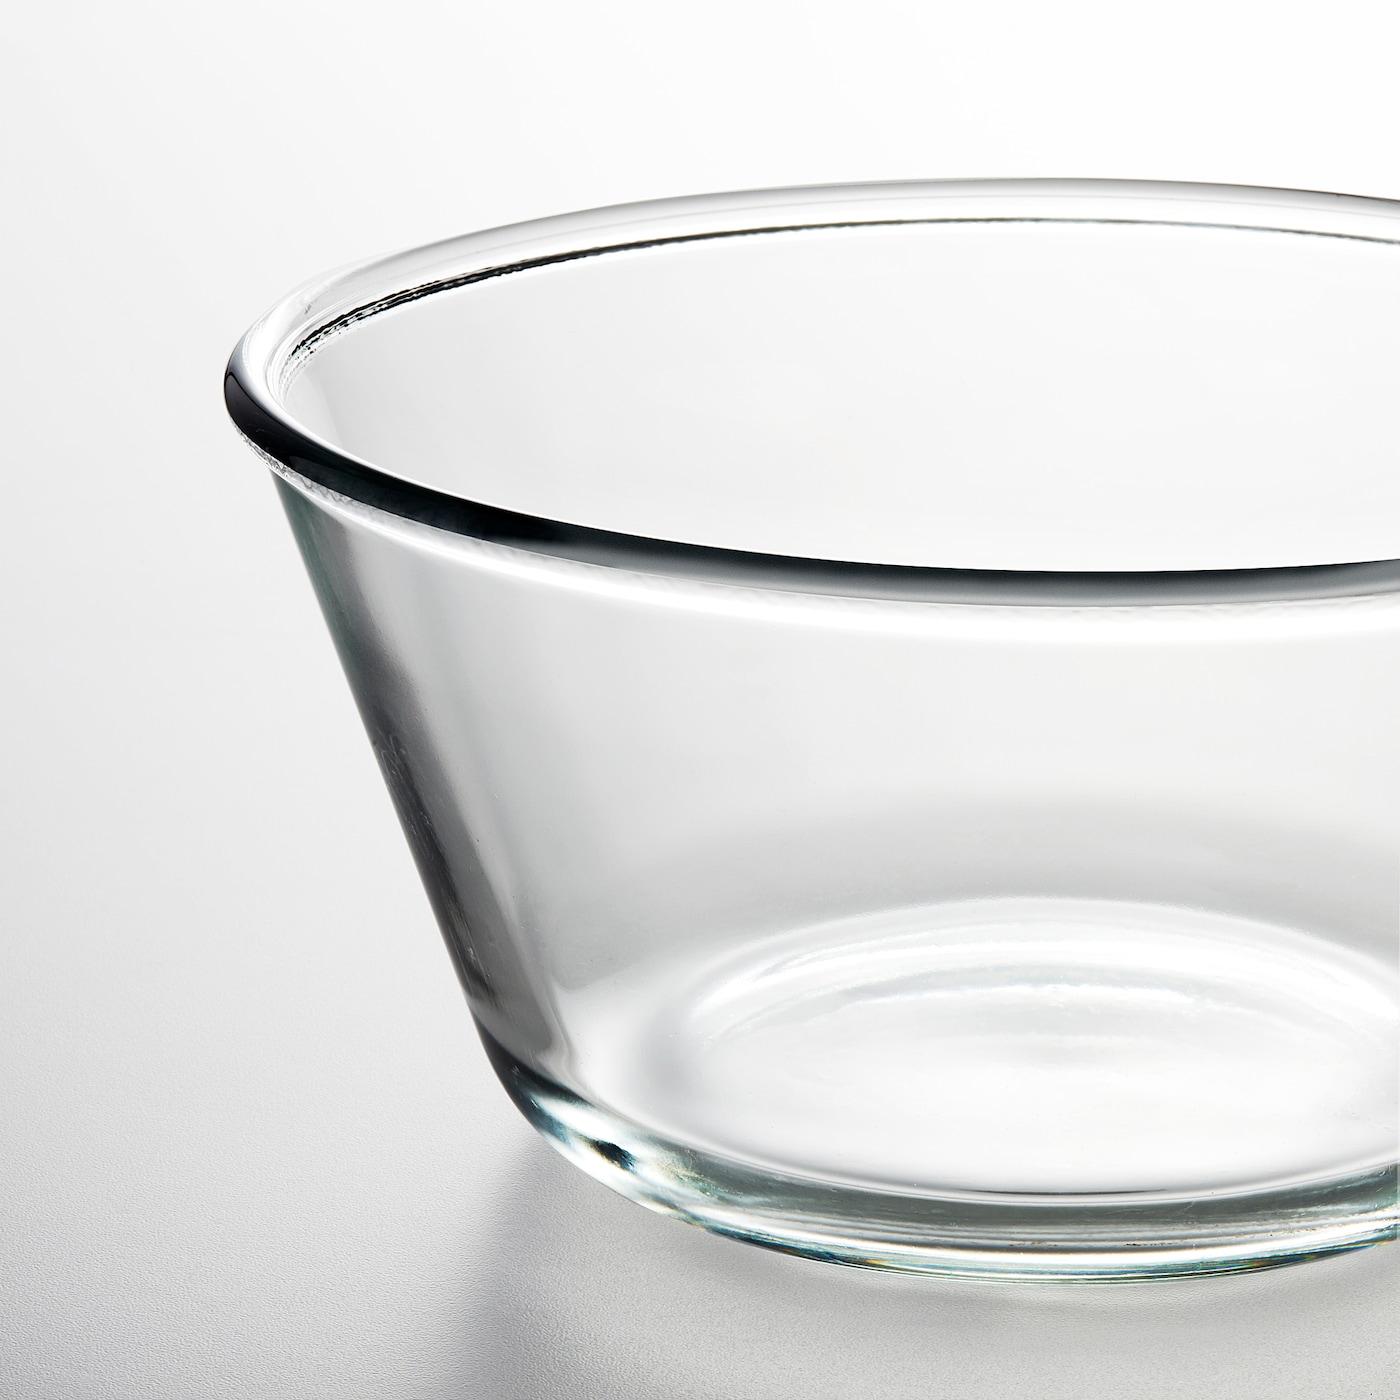 VARDAGEN Serving bowl, clear glass, 20 cm